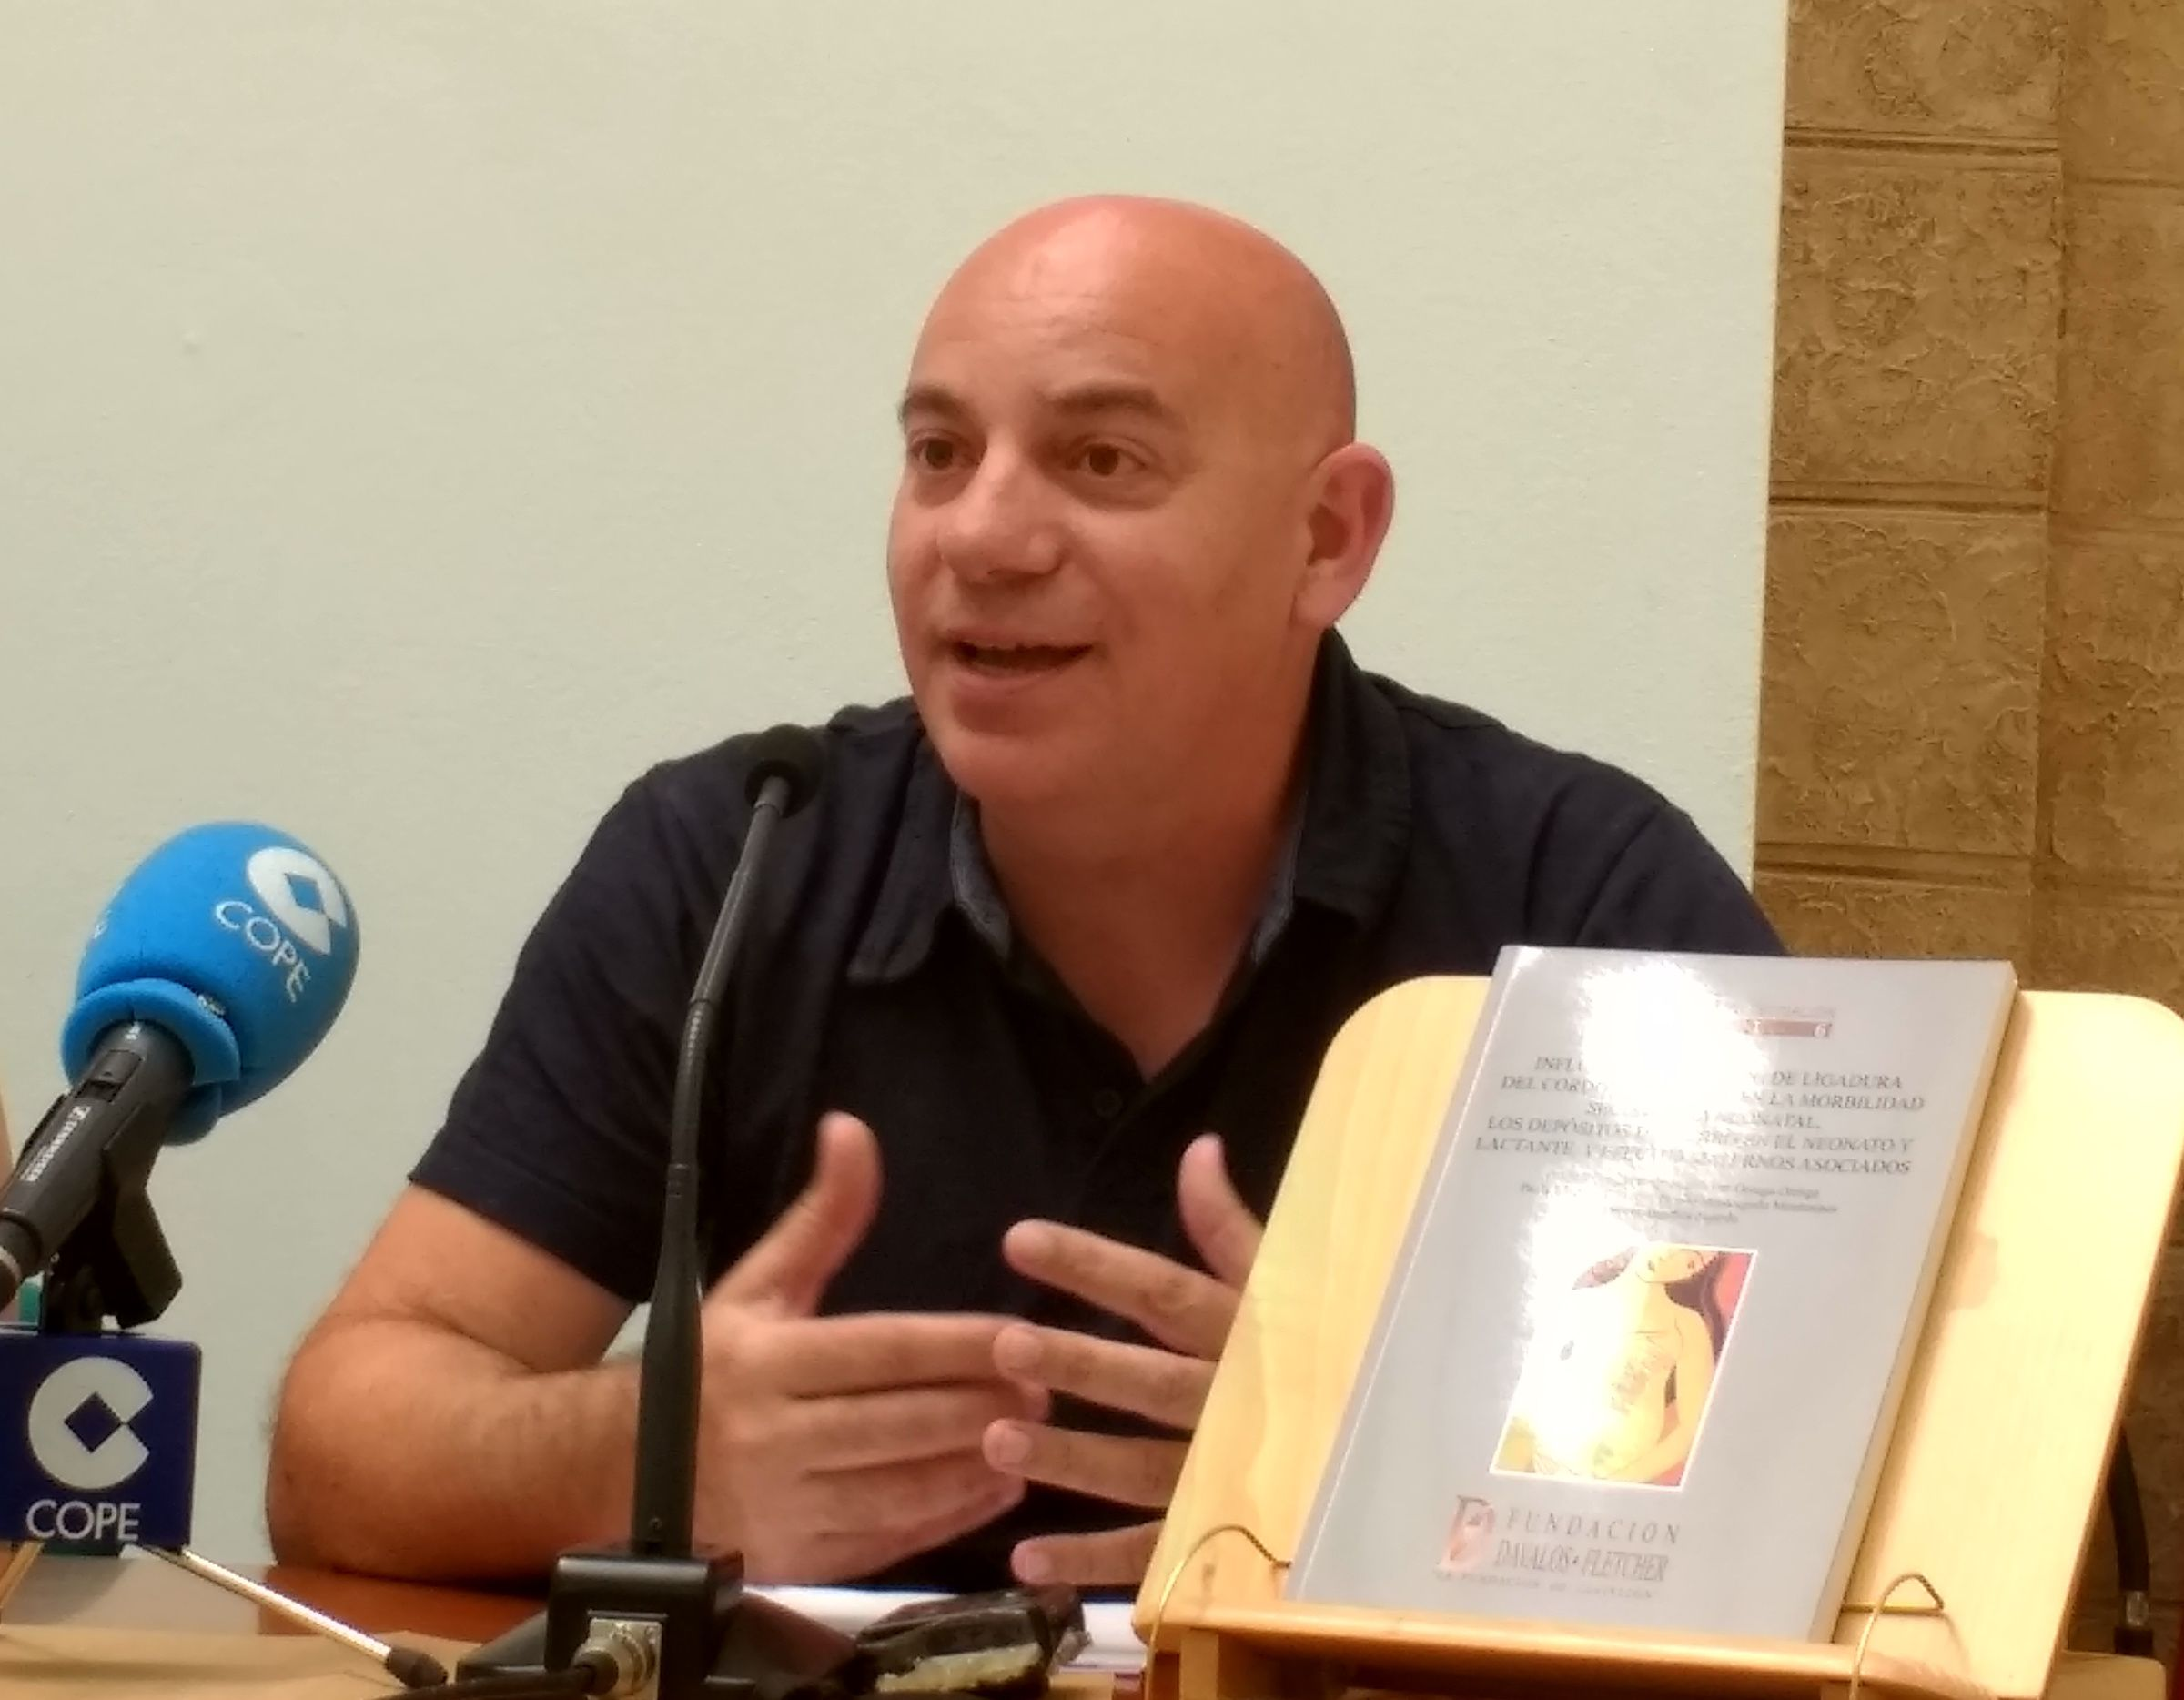 El doctor Pasqual Gregori, que ha dirigido la investigación, es pediatra del Hospital de la Plana y profesor de Pediatría en el Grado en Medicina de la CEU UCH en Castellón.